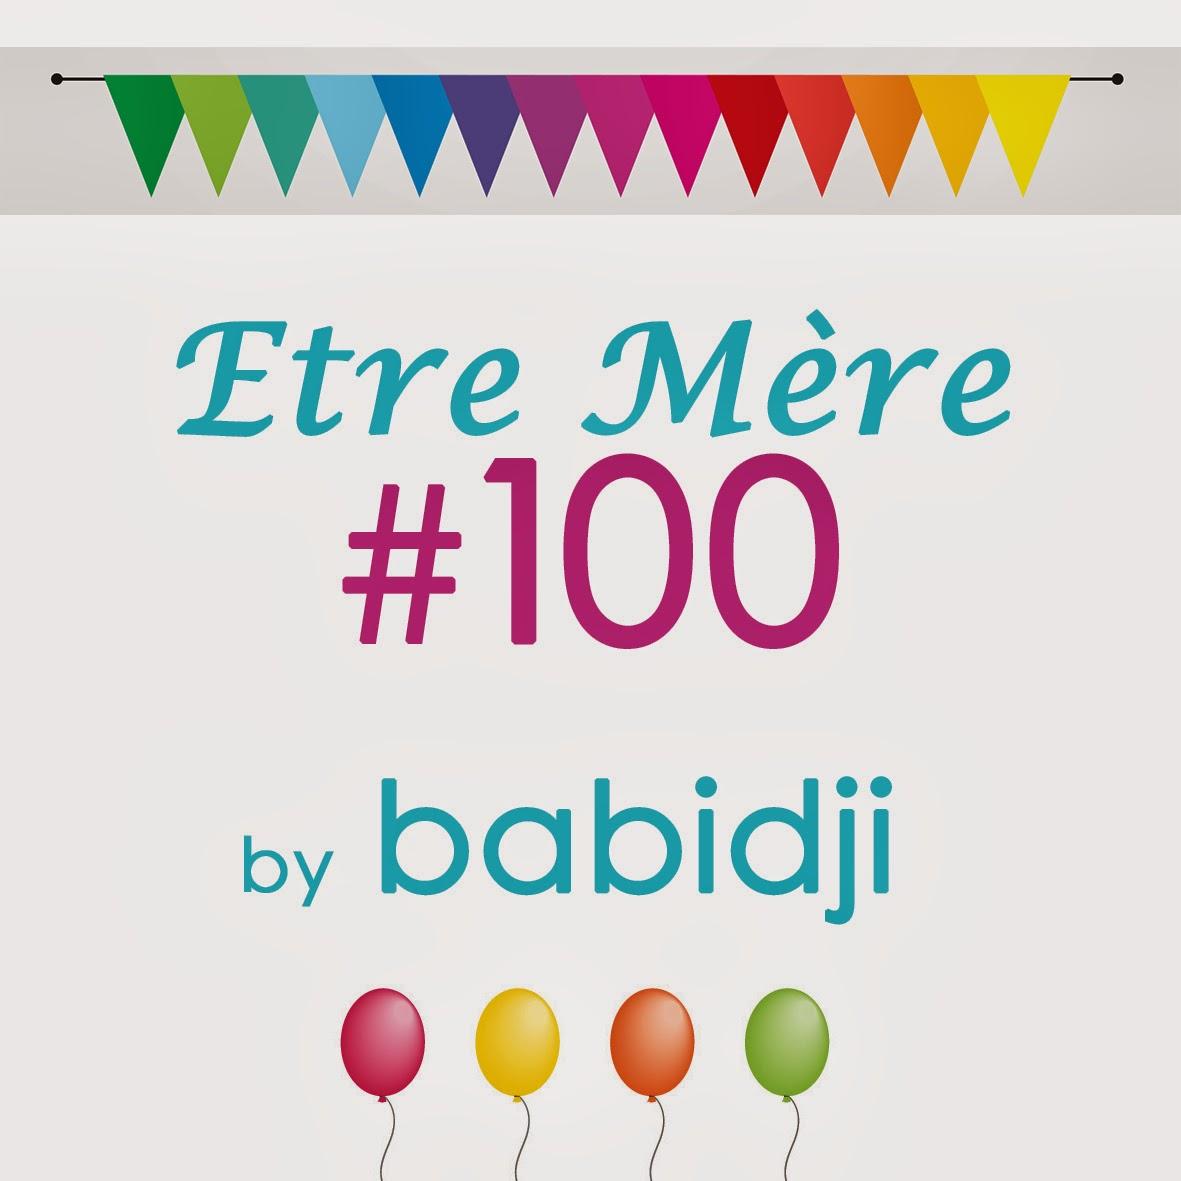 http://babidji.blogspot.fr/2014/03/etre-mere-100-et-remerciements.html